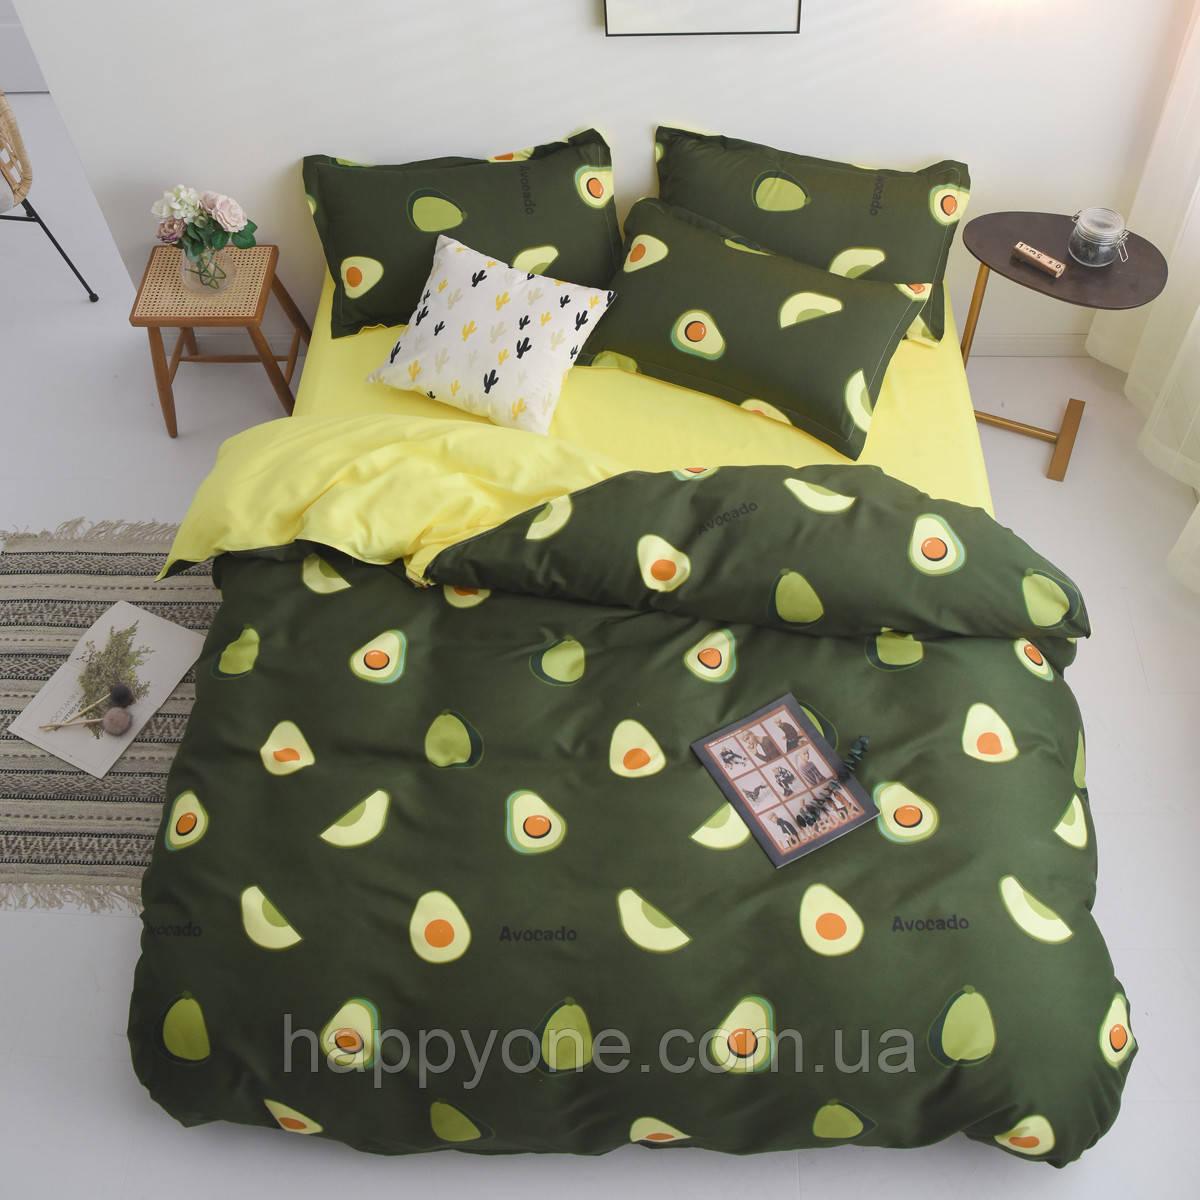 """Комплект постельного белья """"Авокадо"""" (двуспальный-евро)"""